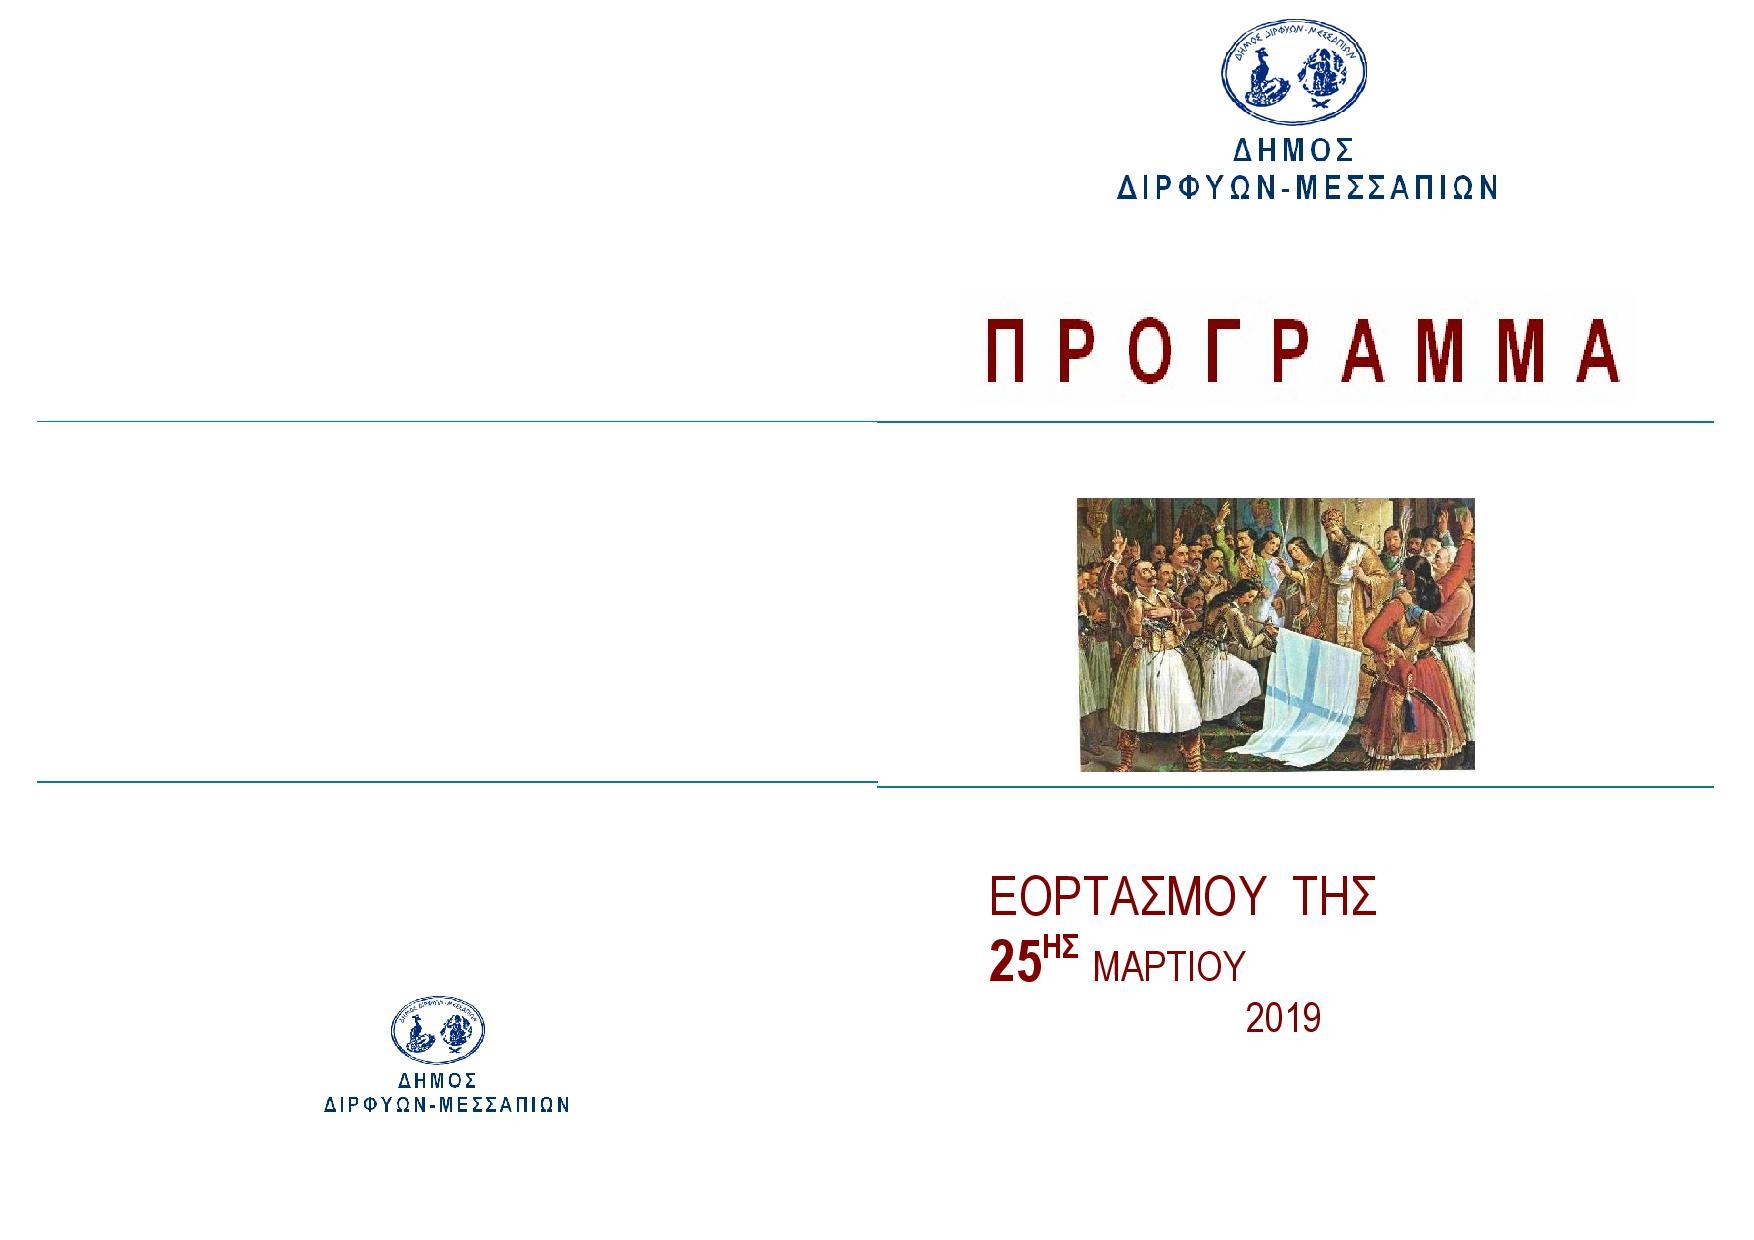 Πρόγραμμα Εορτασμού της Εθνικής Επετείου της 25ης Μαρτίου 1821 του Δήμου Διρφύων Μεσσαπίων 2019